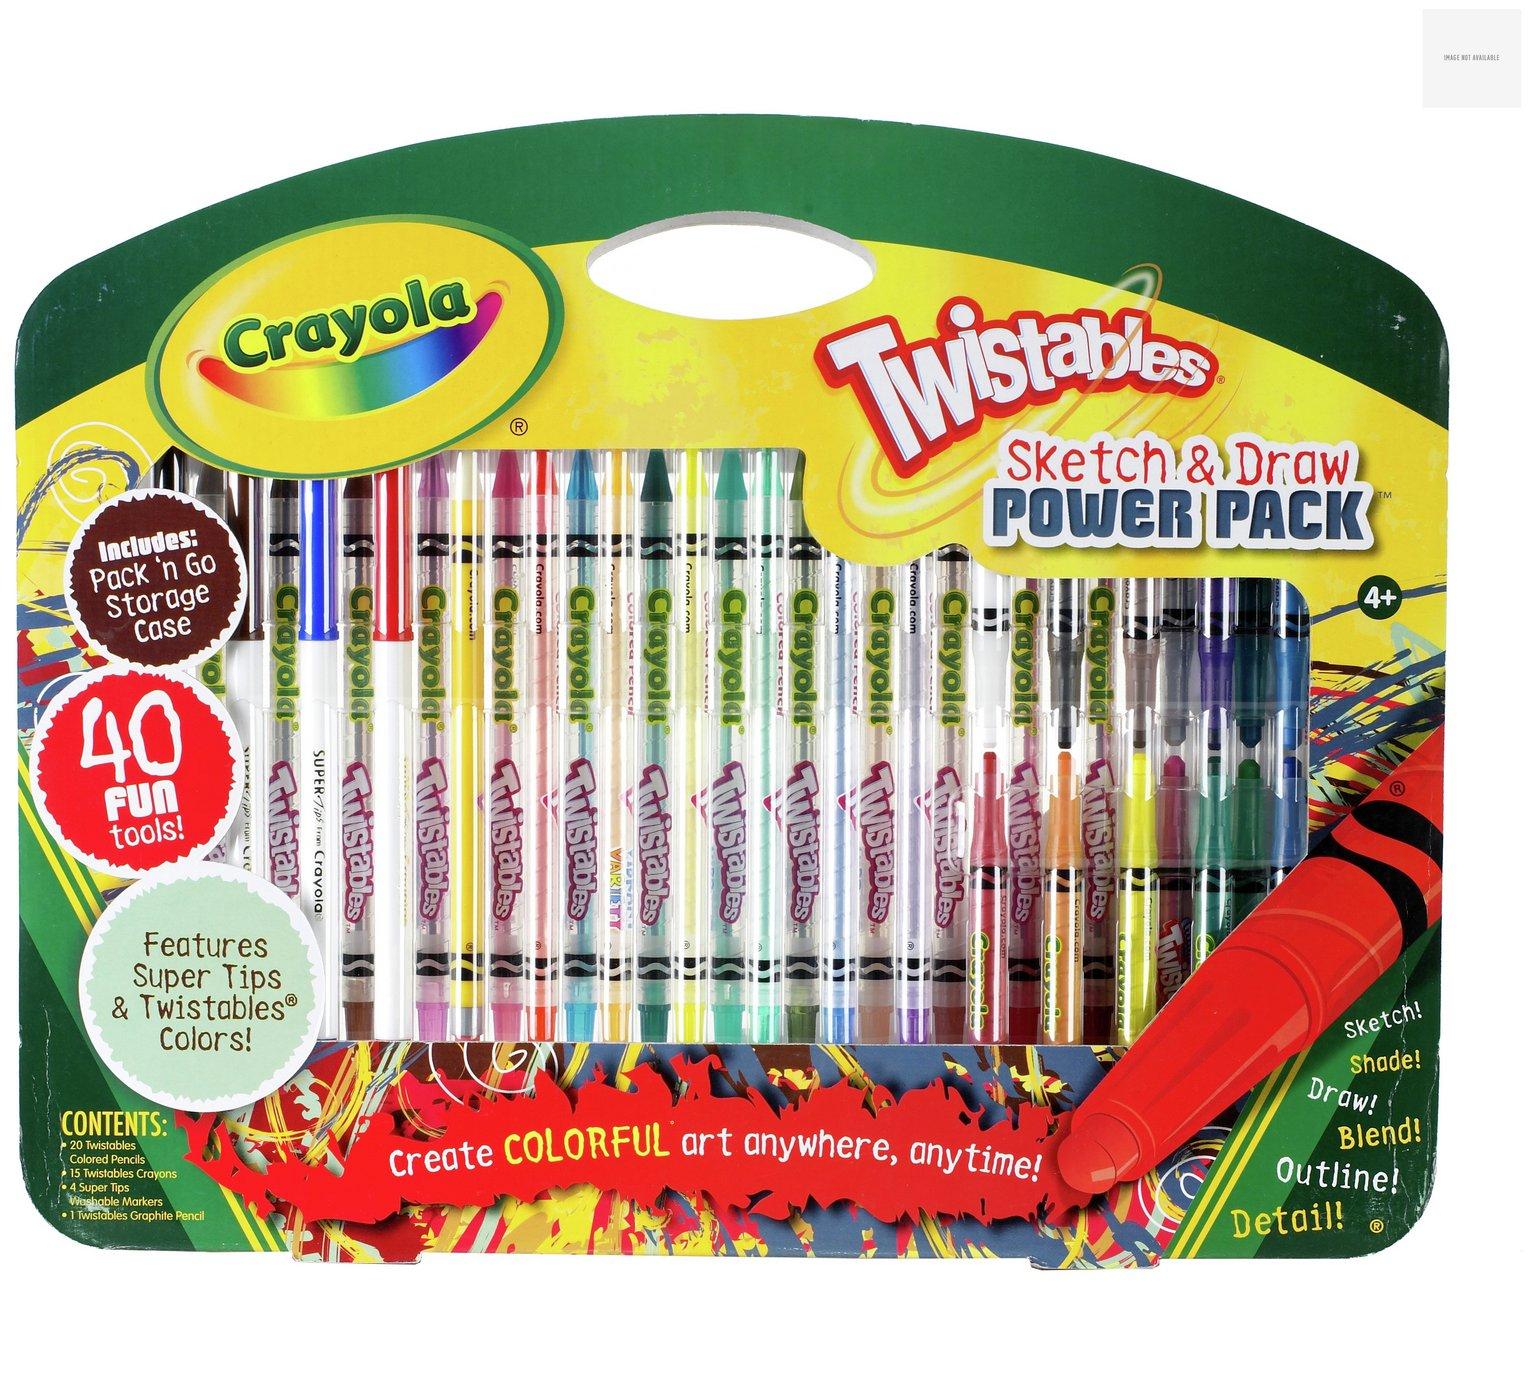 Crayola Twistables Sketch and Draw Set @Argos £5.99